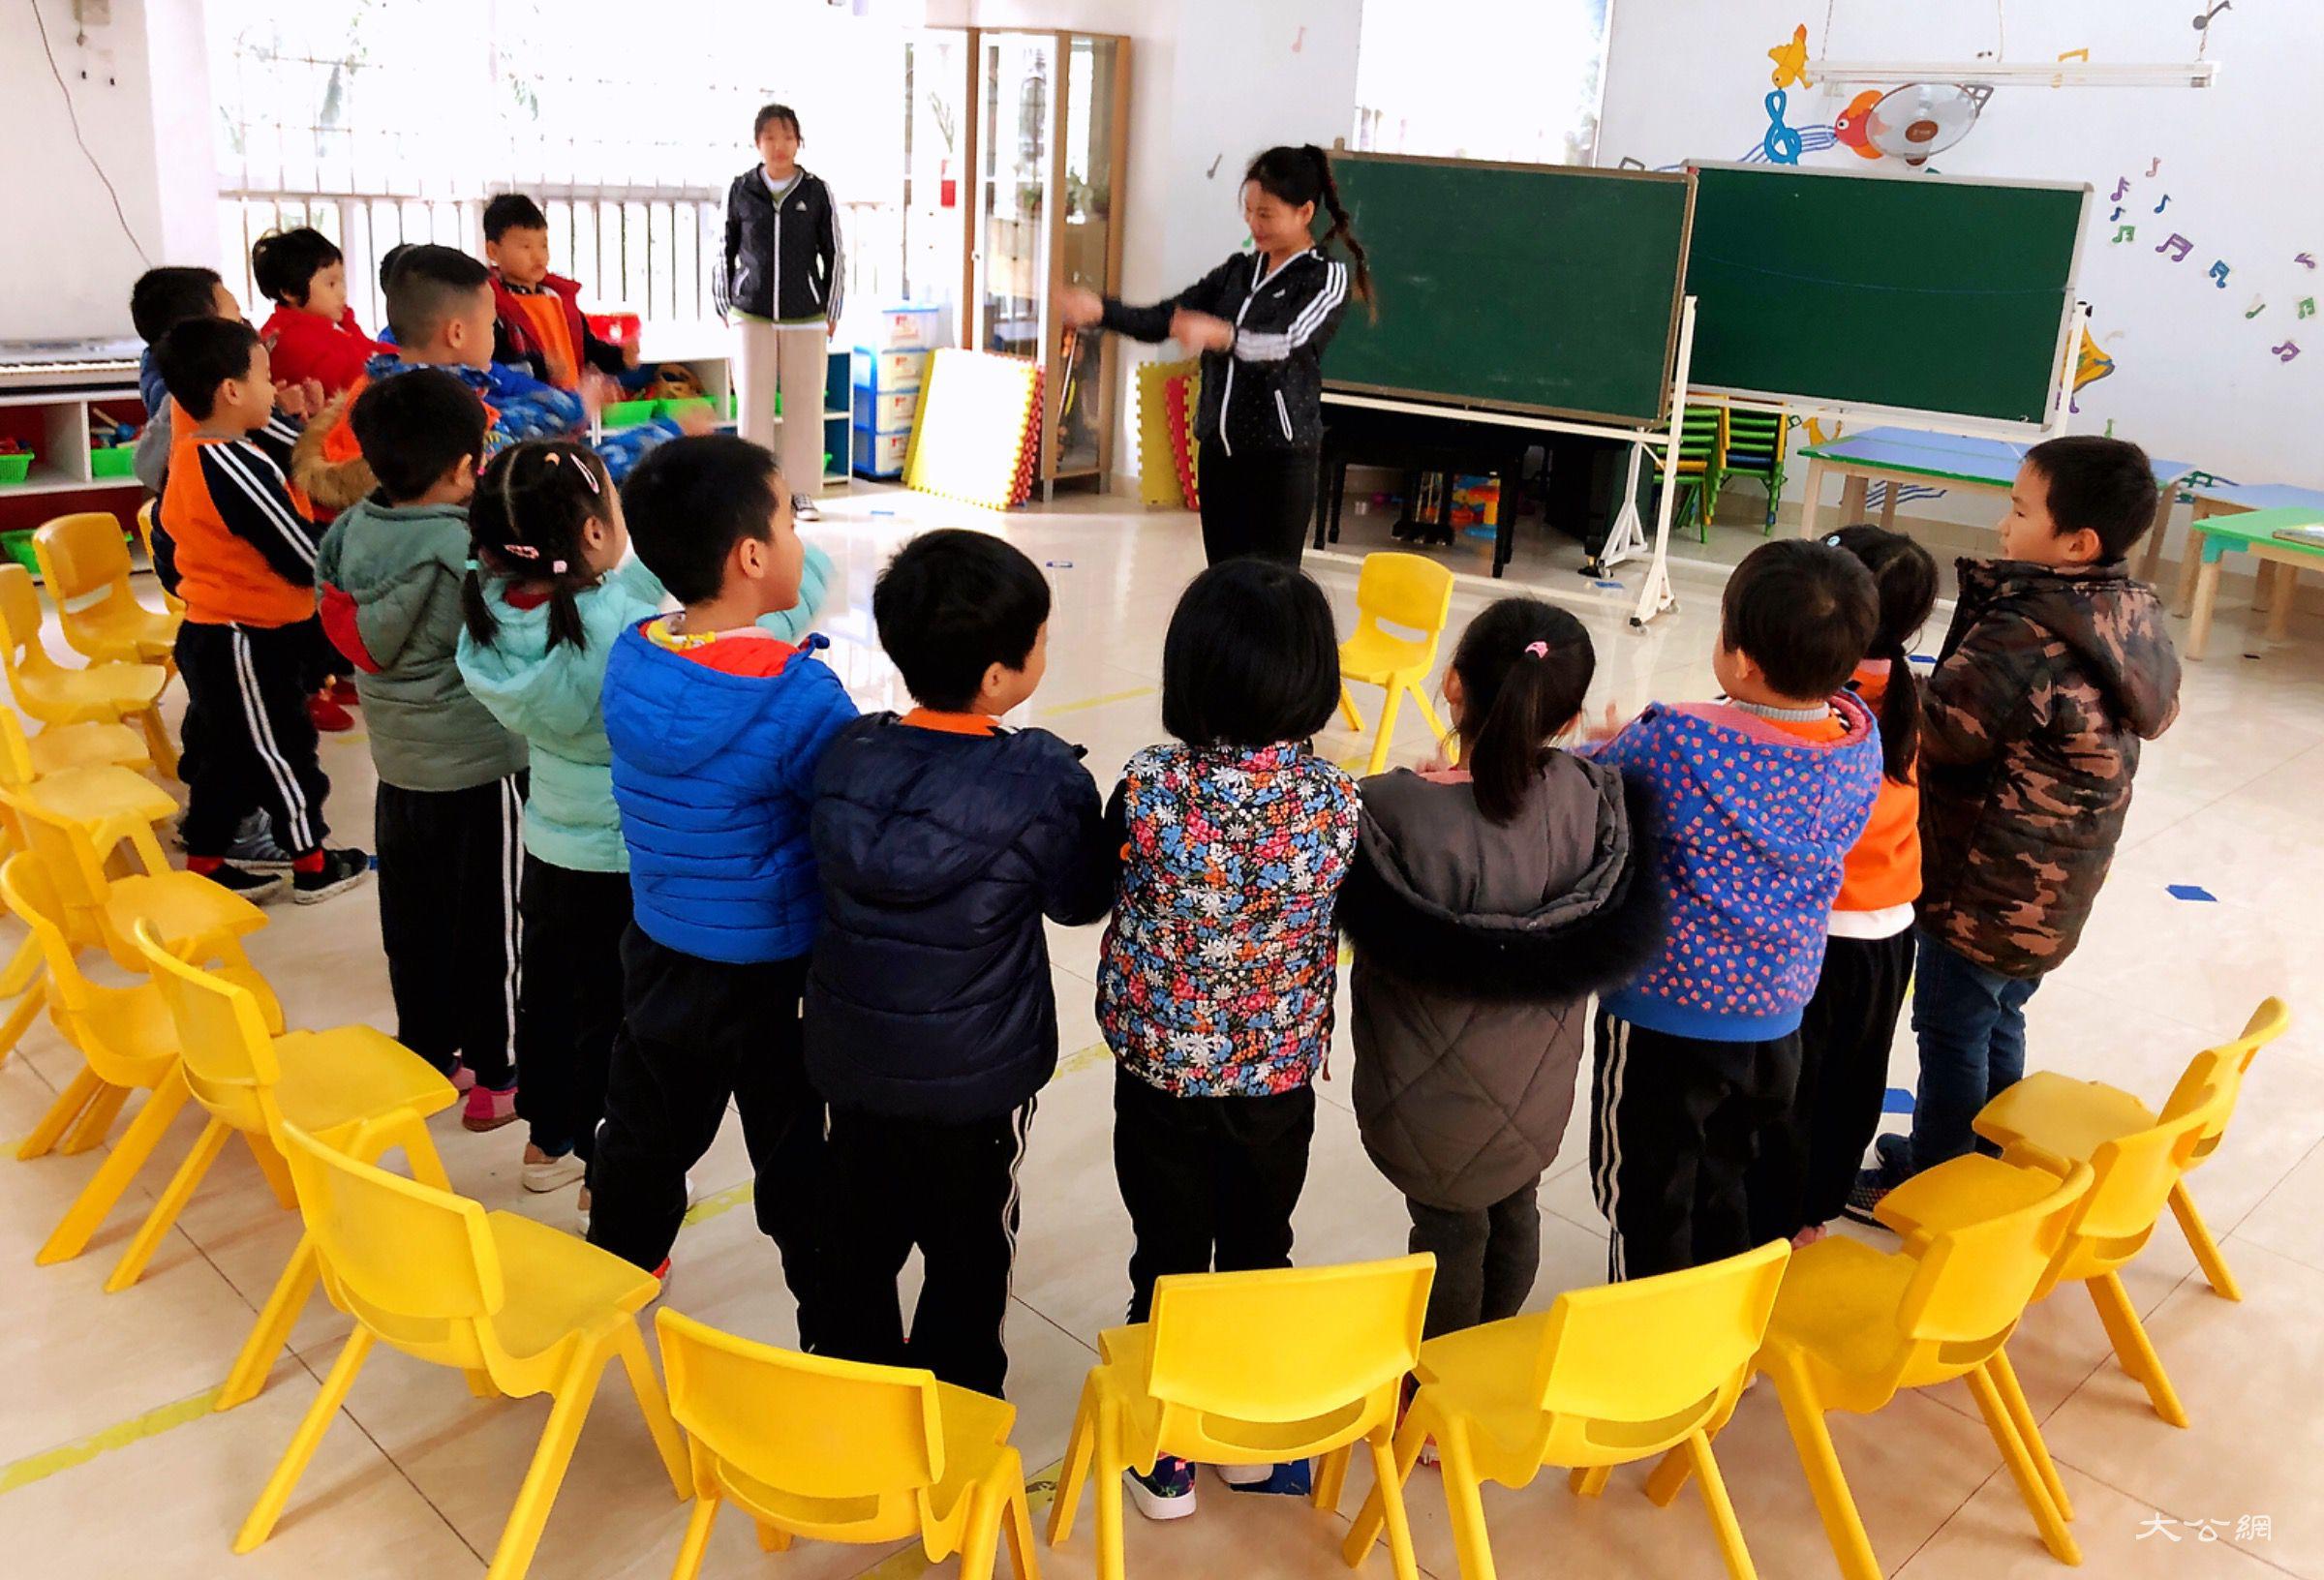 """中国幼教规模明年料破8000亿元 """"母婴联盟""""深拓市场"""